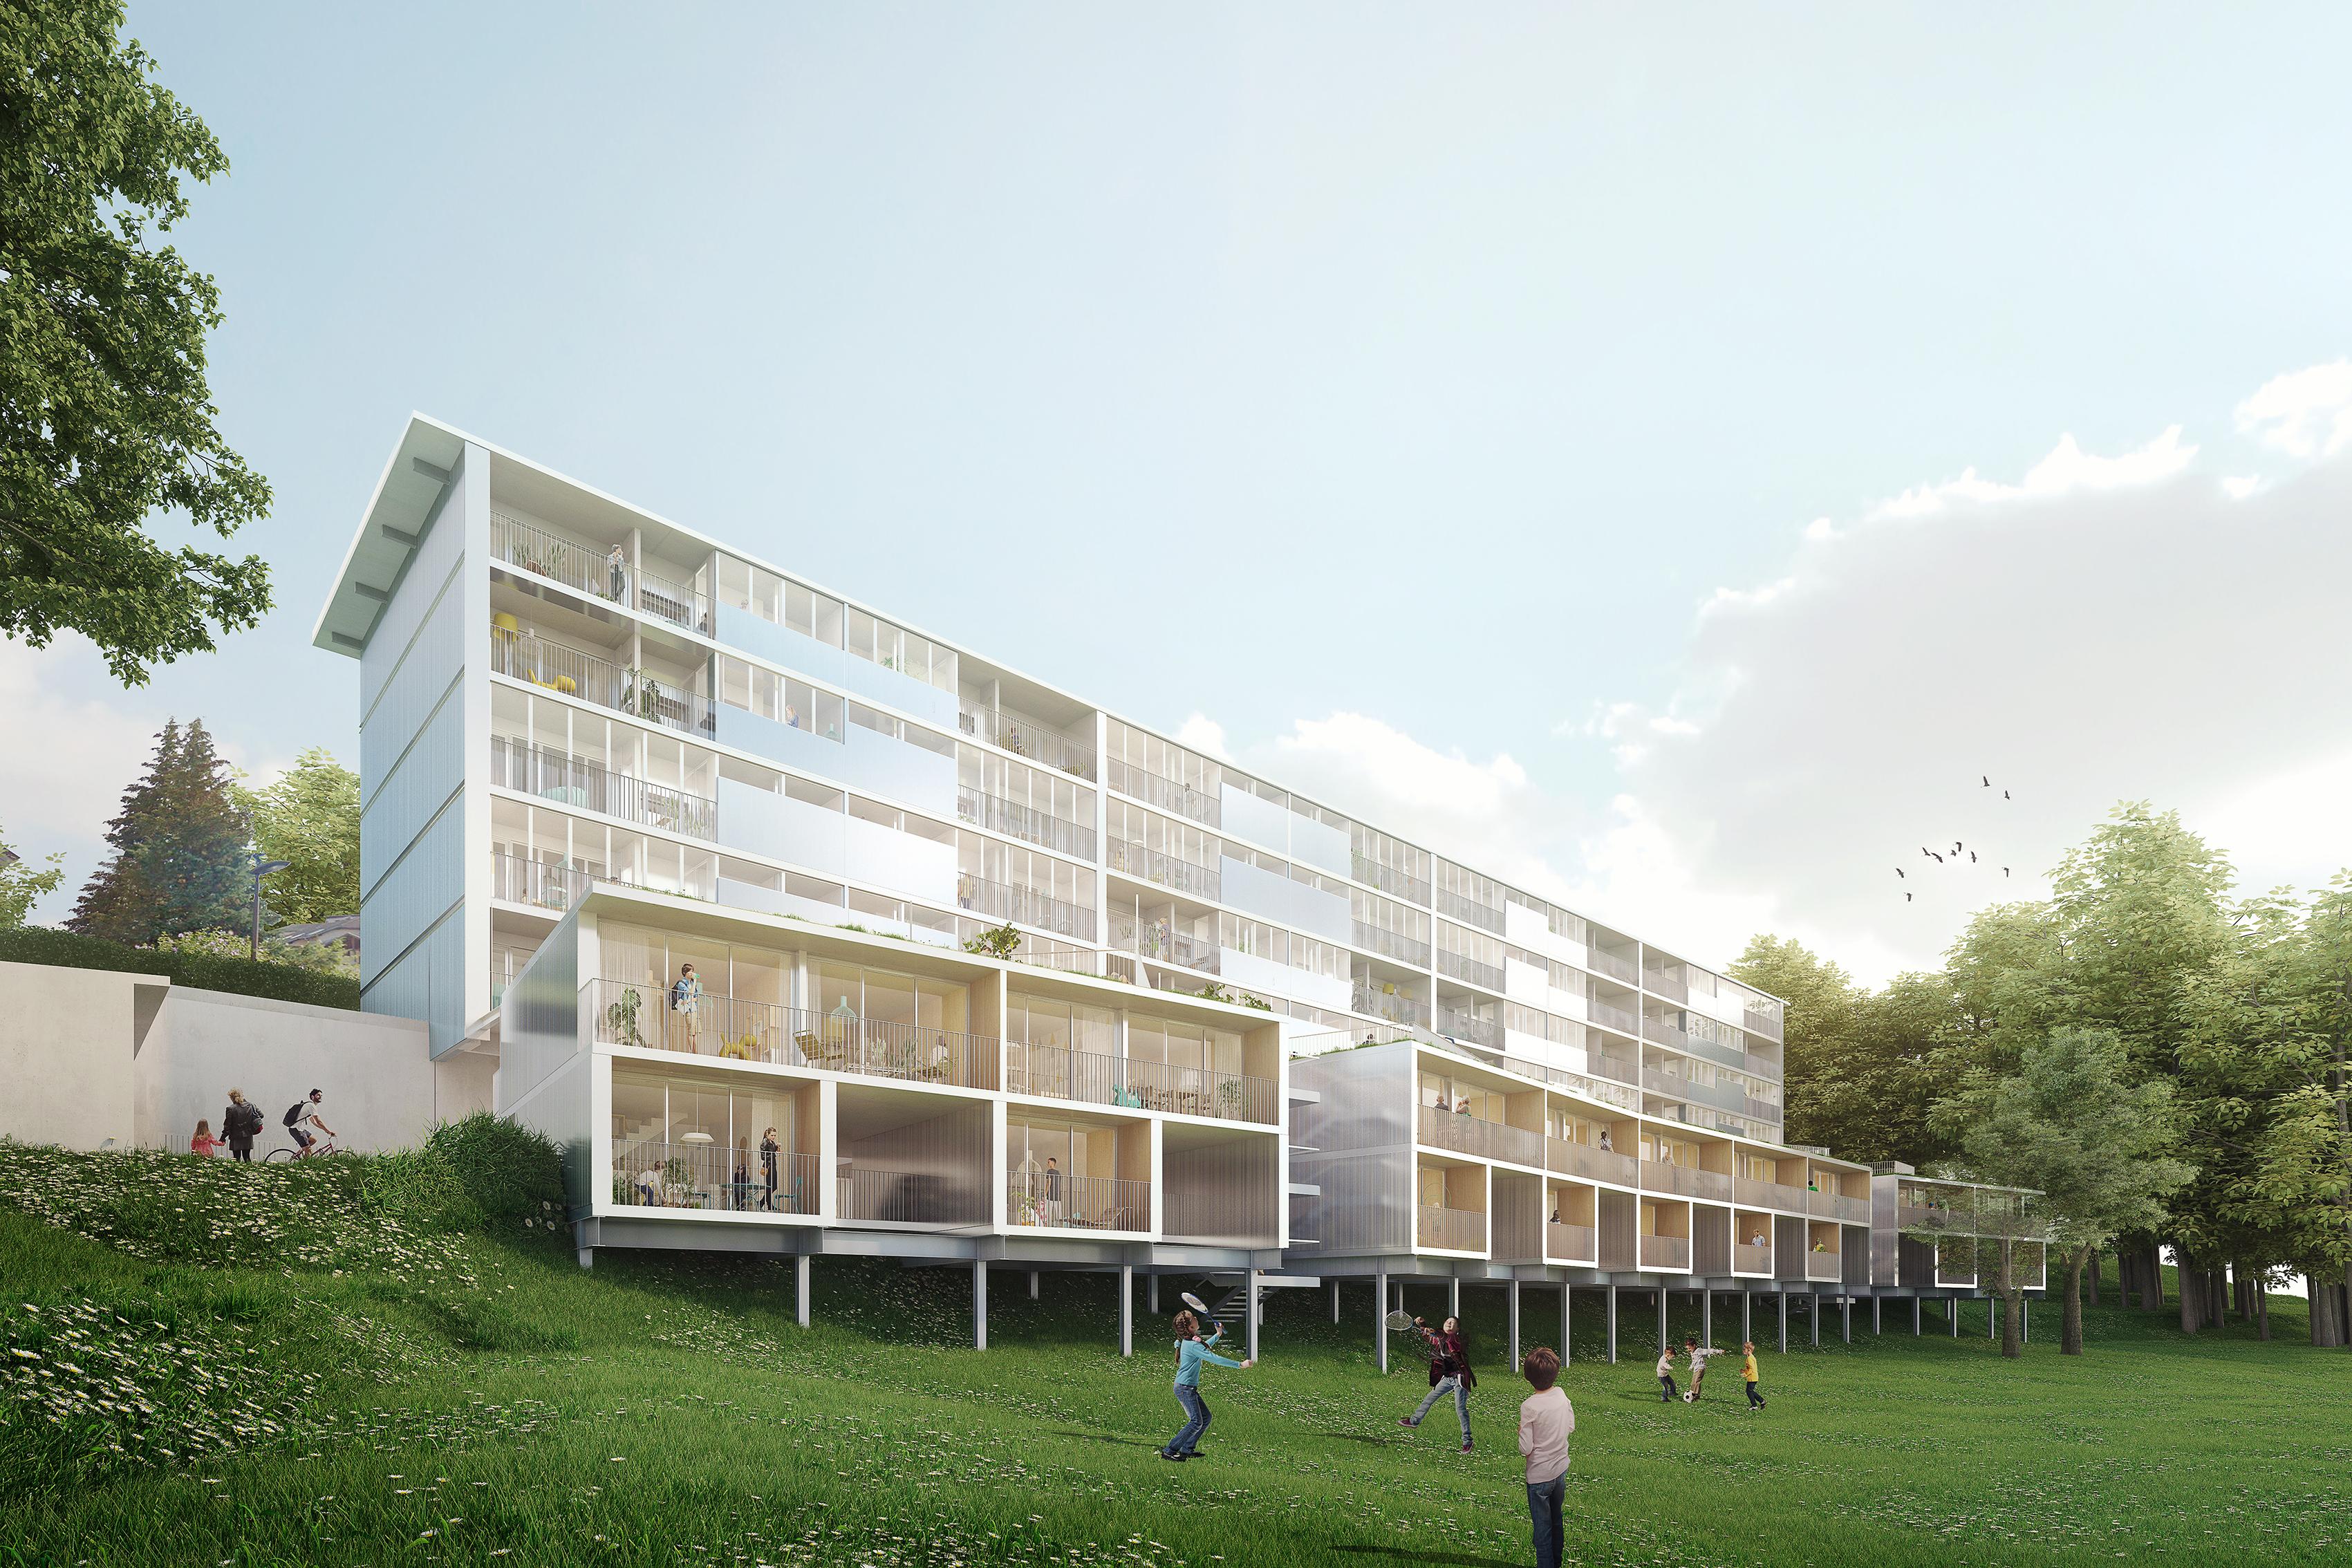 Annecy - Meythet - Les Myrtilles - MixCité'2017 - CAUE 74 - THINK TANK Architecture